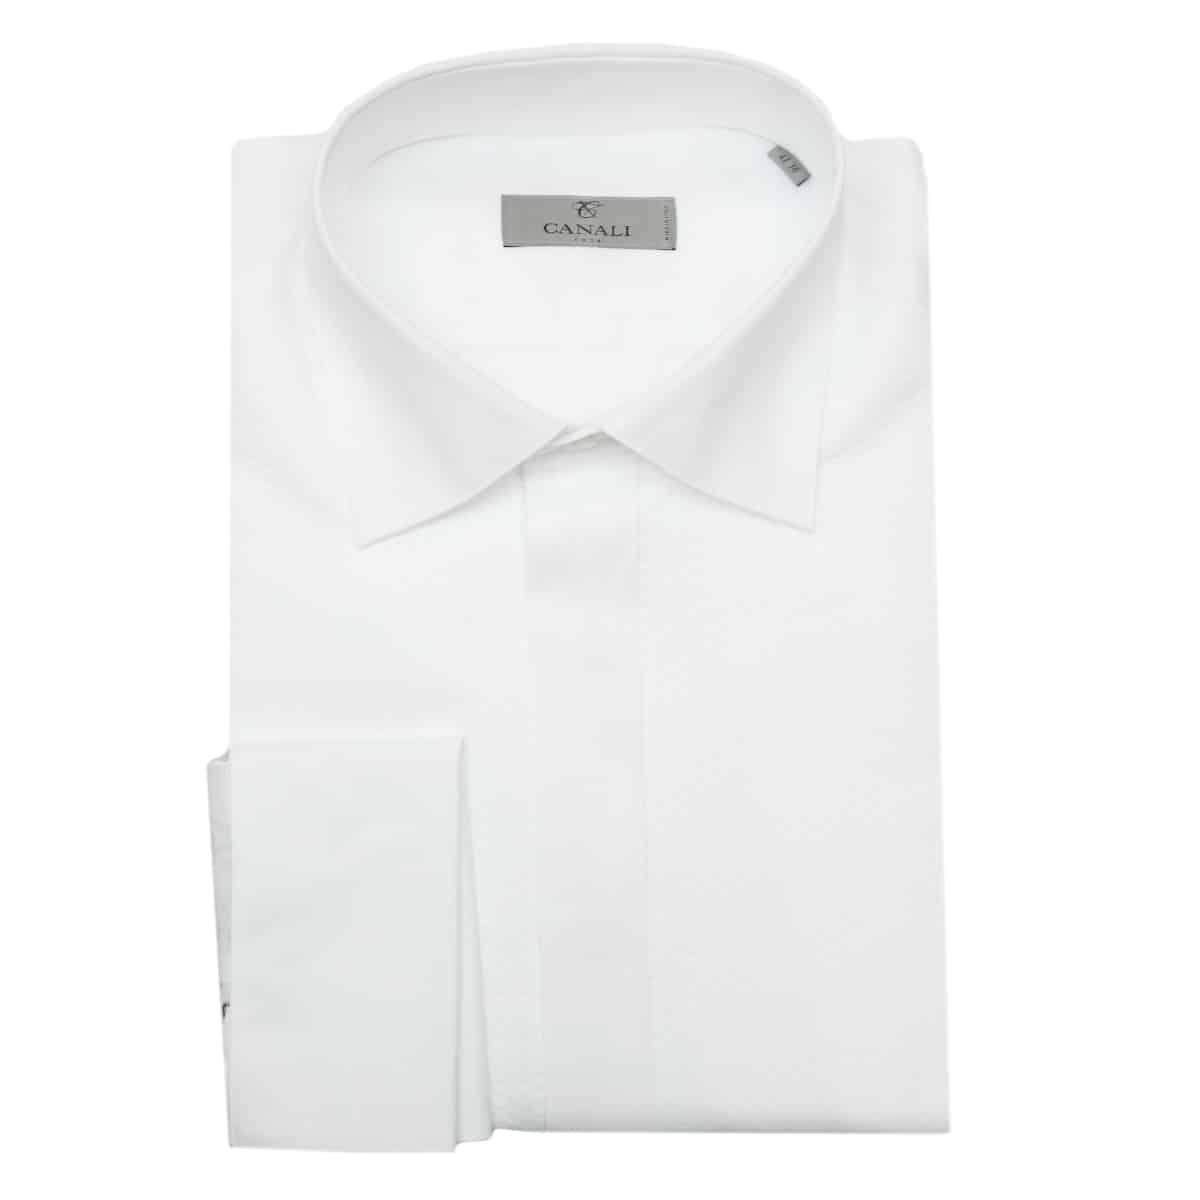 Canali white dress shirt